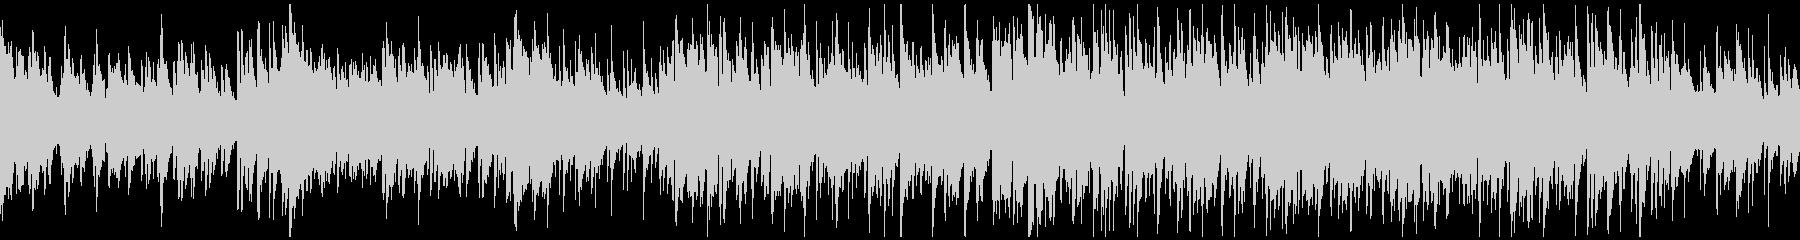 爽やかな切ないボサノバ・ジャズ※ループ版の未再生の波形